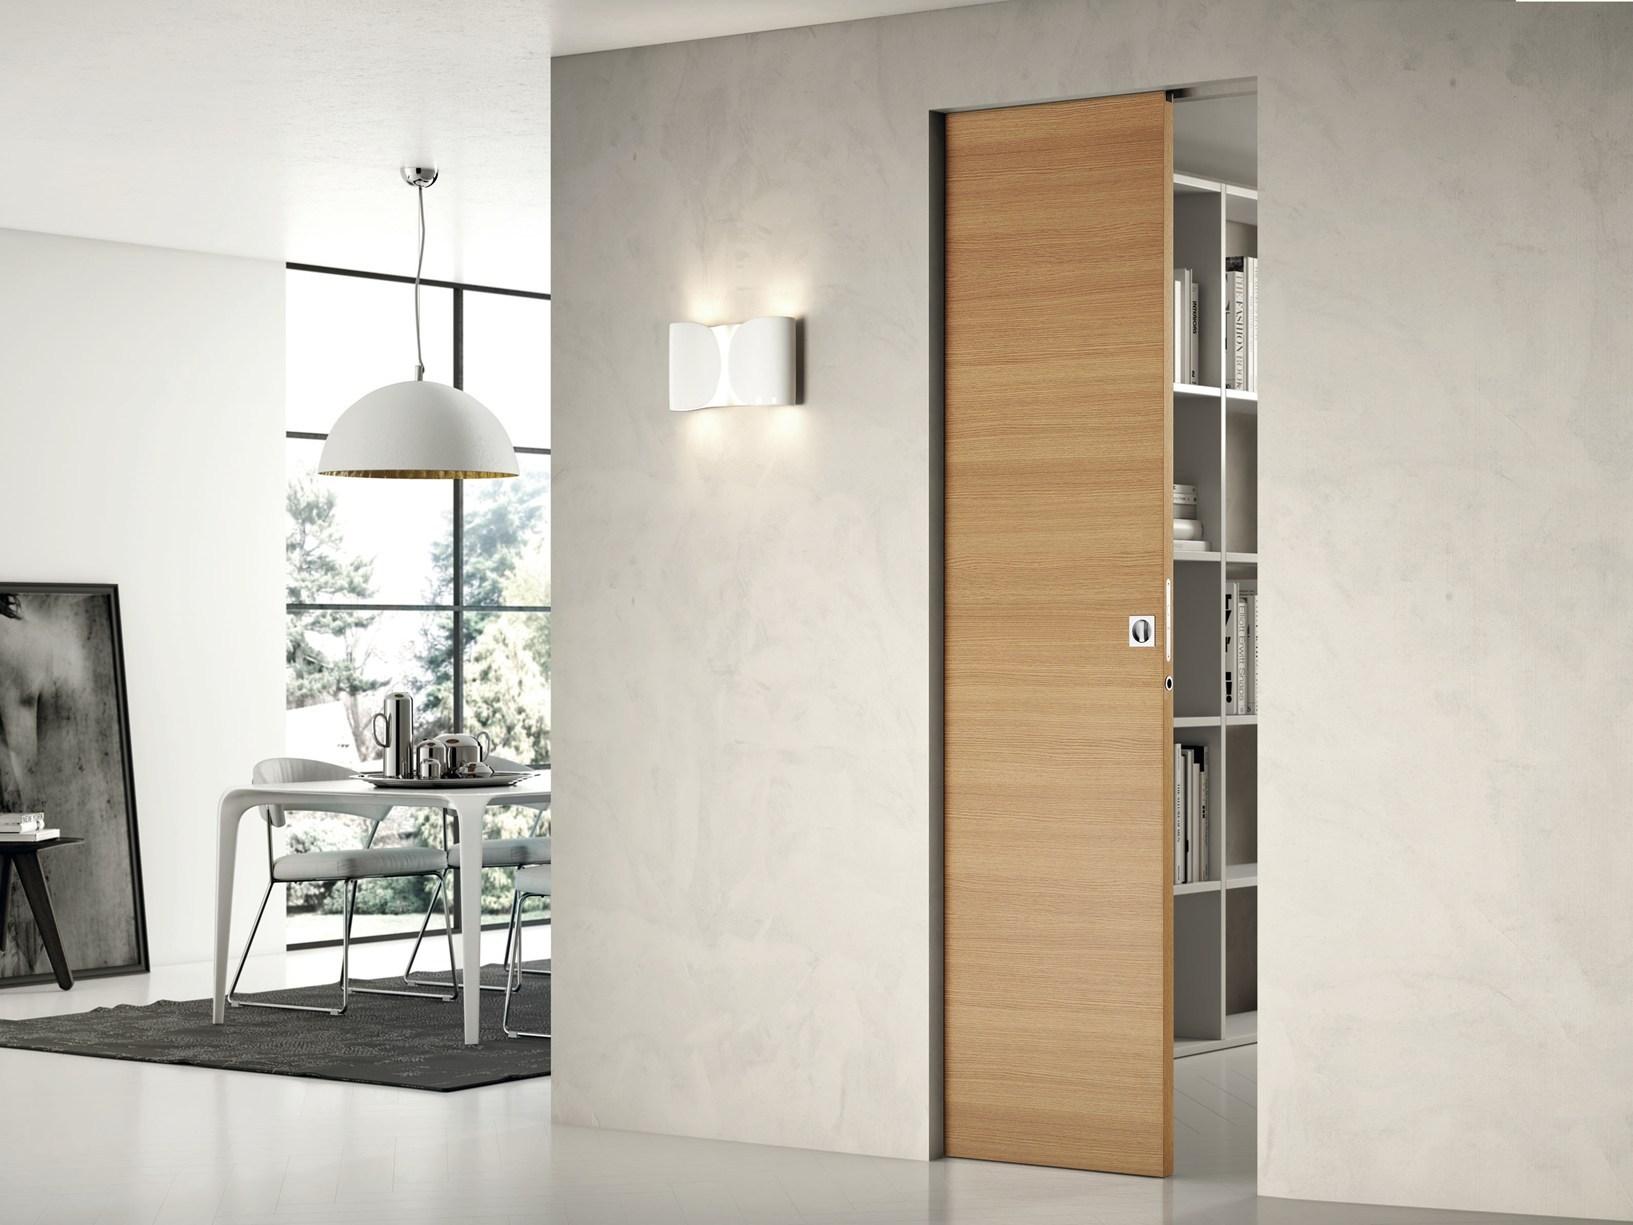 Kit chiudiscrigno quadra per porte scorrevoli anta unica for Scuri in legno prezzi online